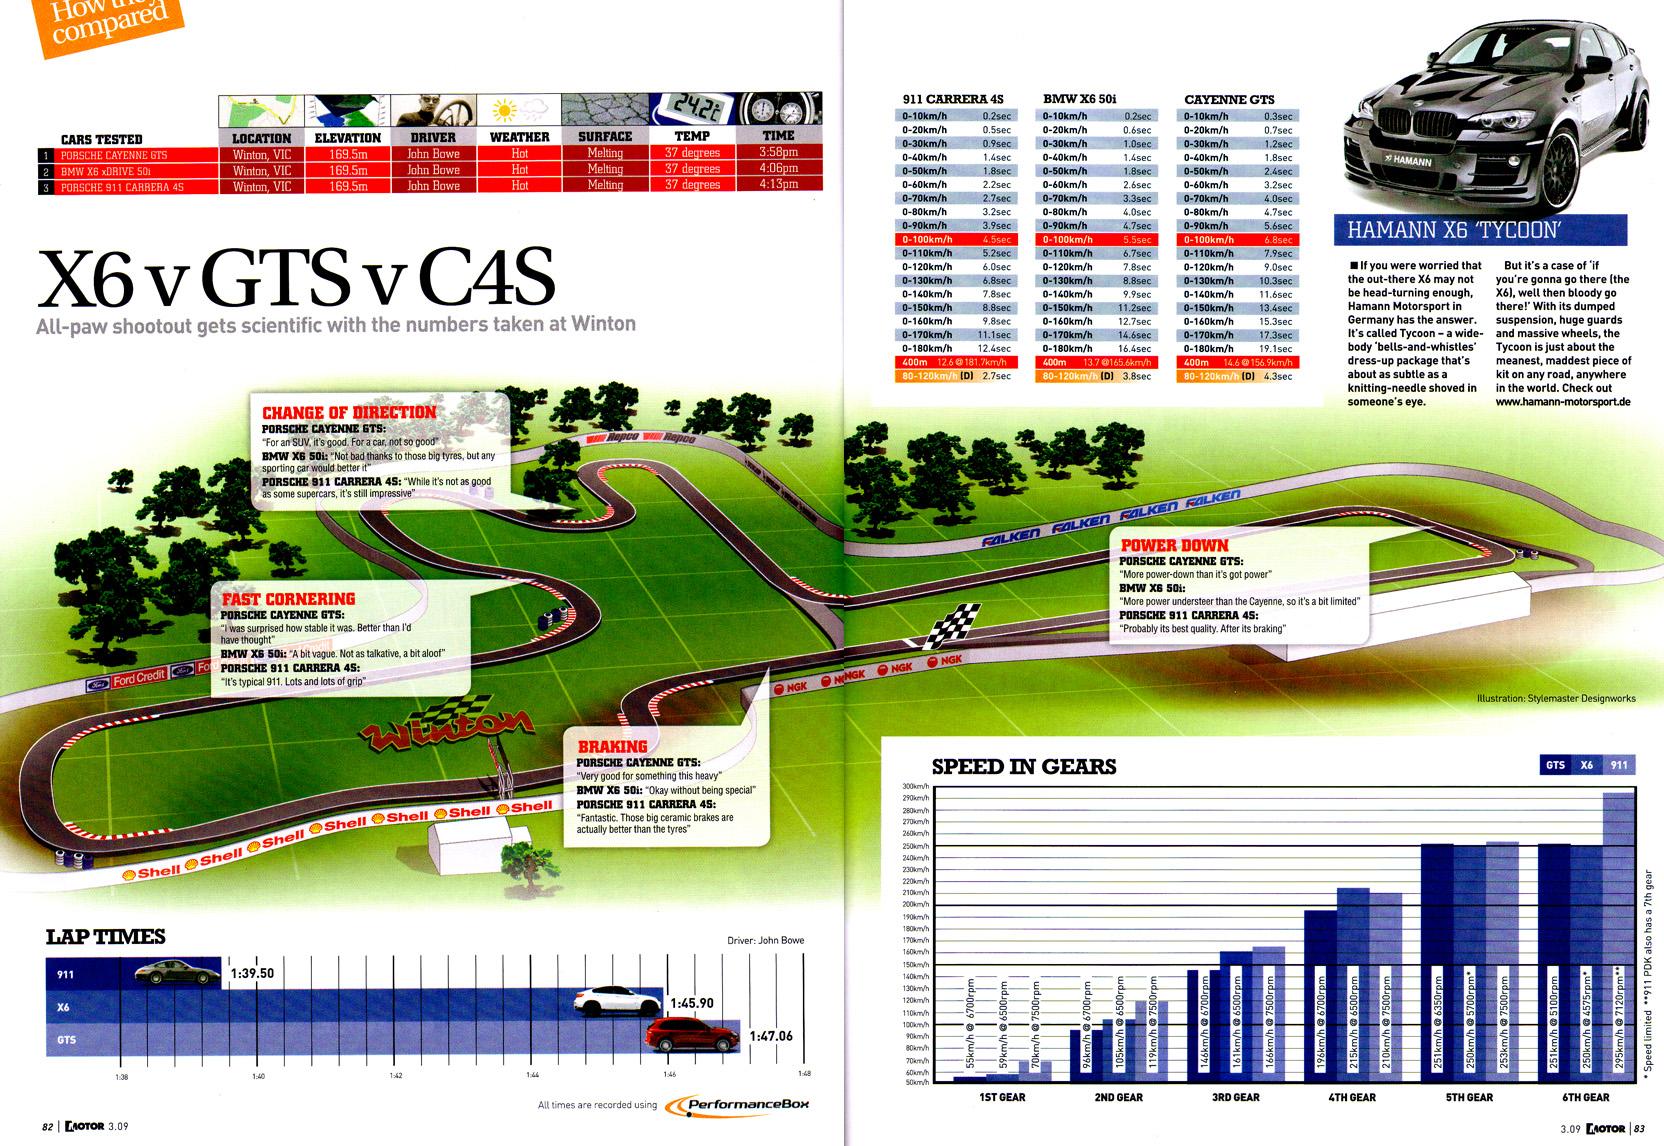 50i vs Porsche Cayenne GTS